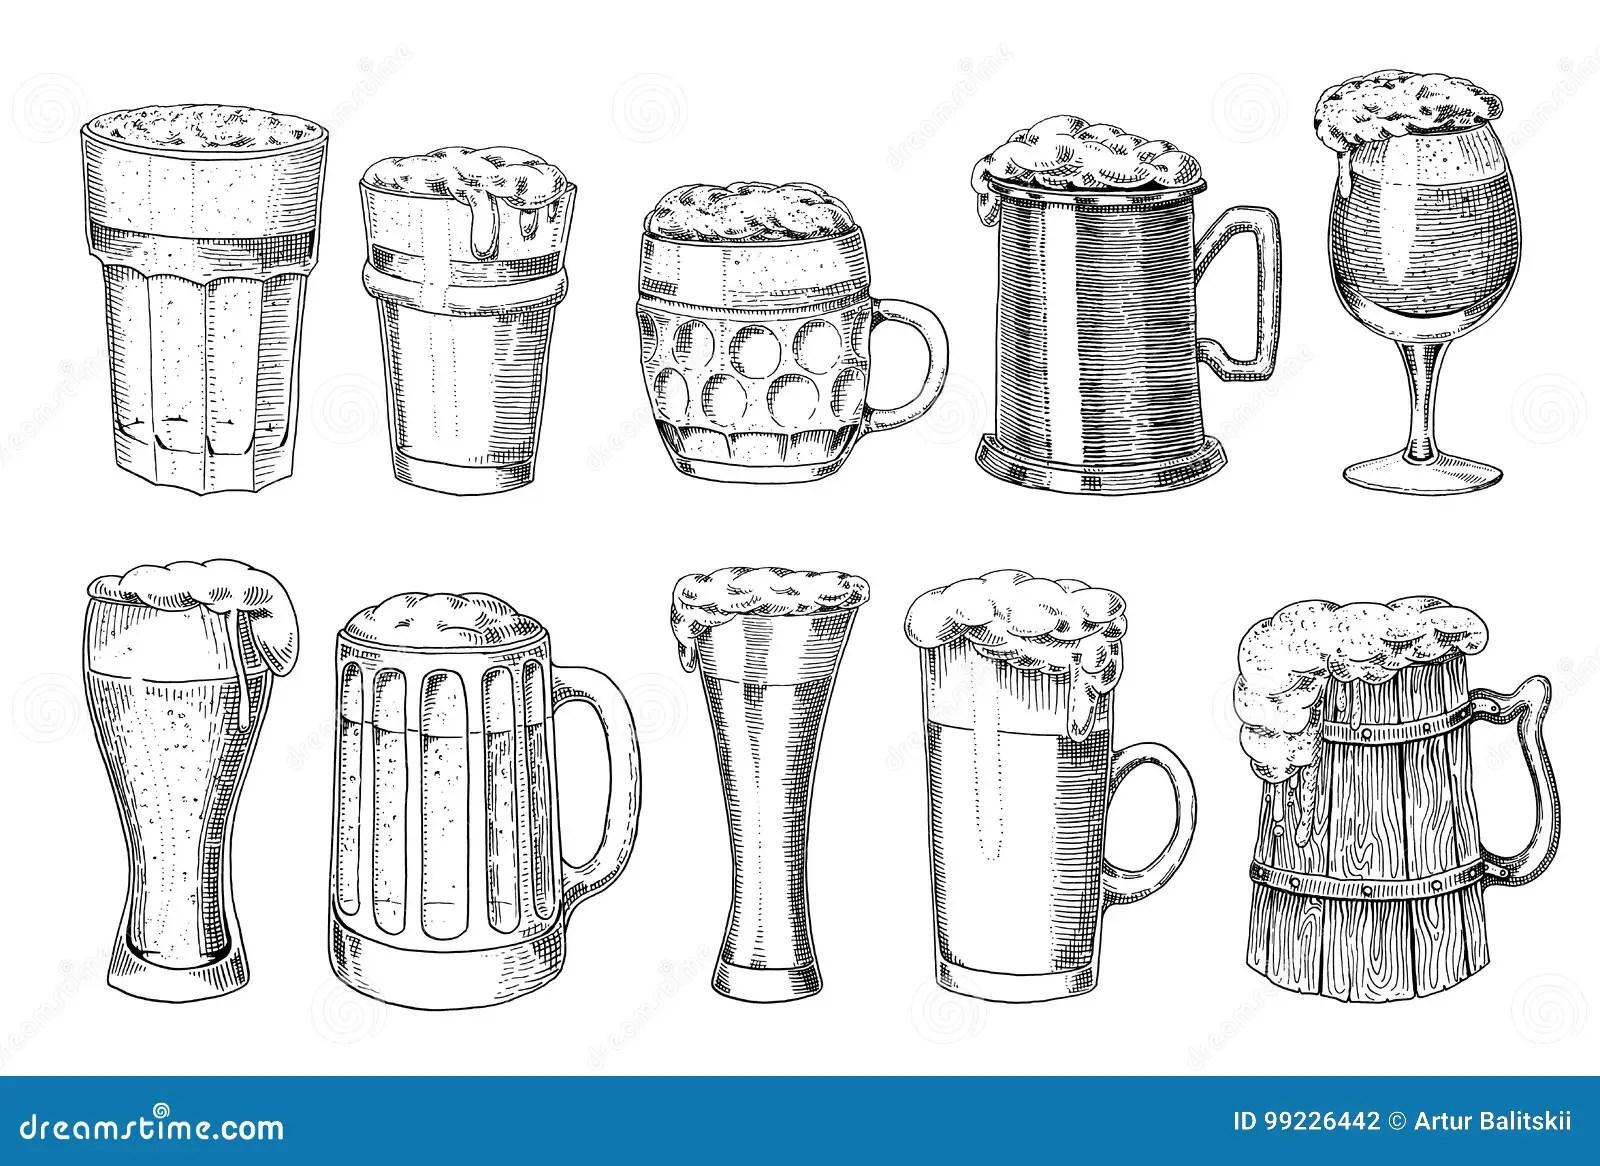 Beer Glass Mug Or Bottle Of Oktoberfest Engraved In Ink